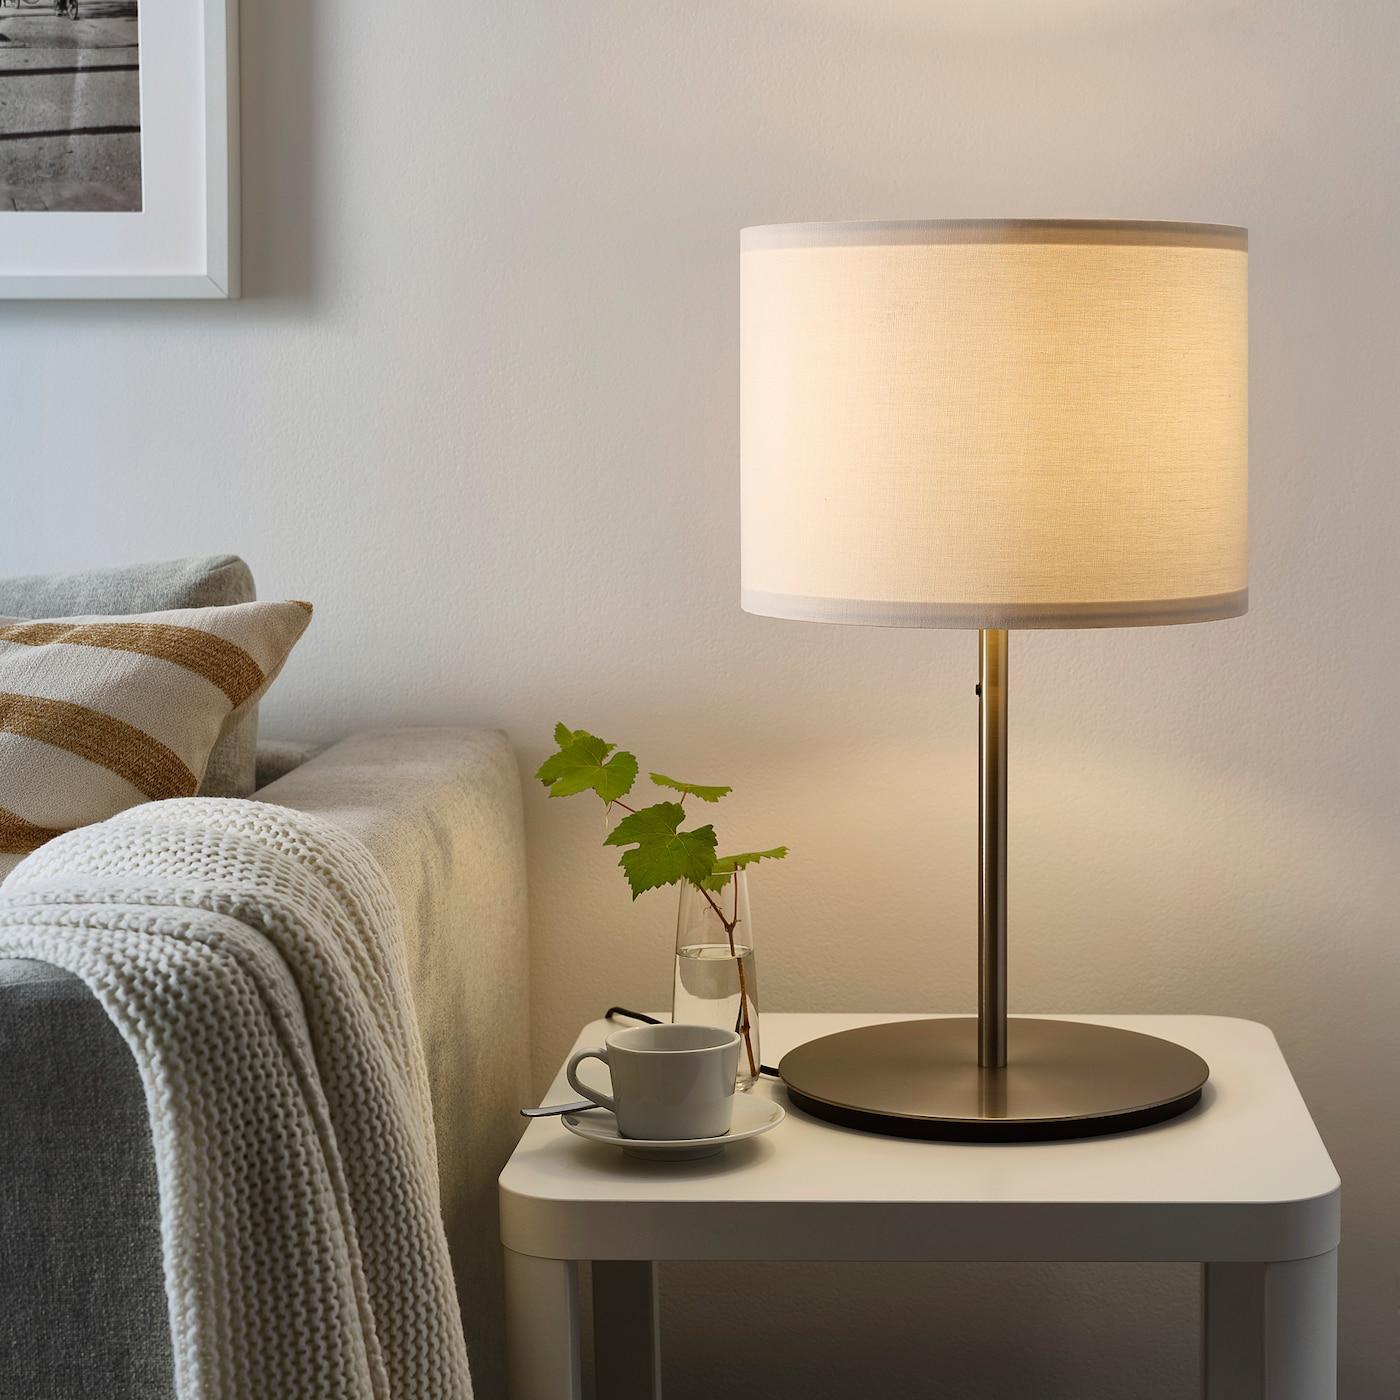 RINGSTA white, Lamp shade IKEA